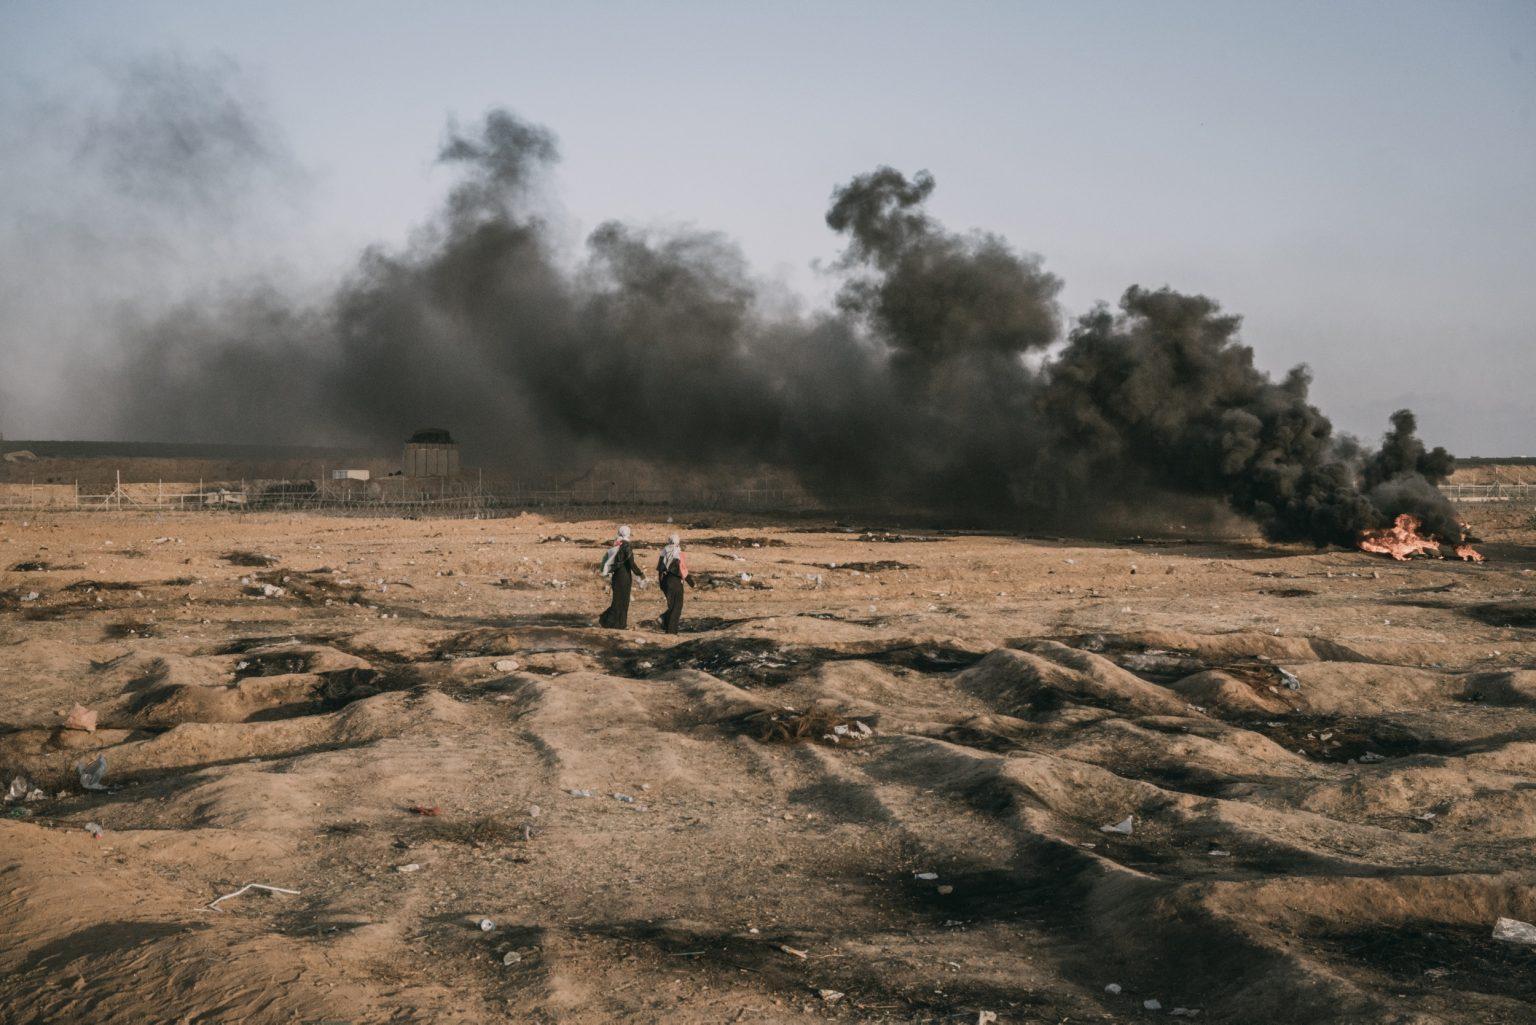 Gaza Strip, May 2018 - Two women near the border fence with Israel during the demonstration. >< Striscia di Gaza, maggio 2018 - Due donne si avvicinano alle recinzioni lungo il confine tra Gaza e Israele.